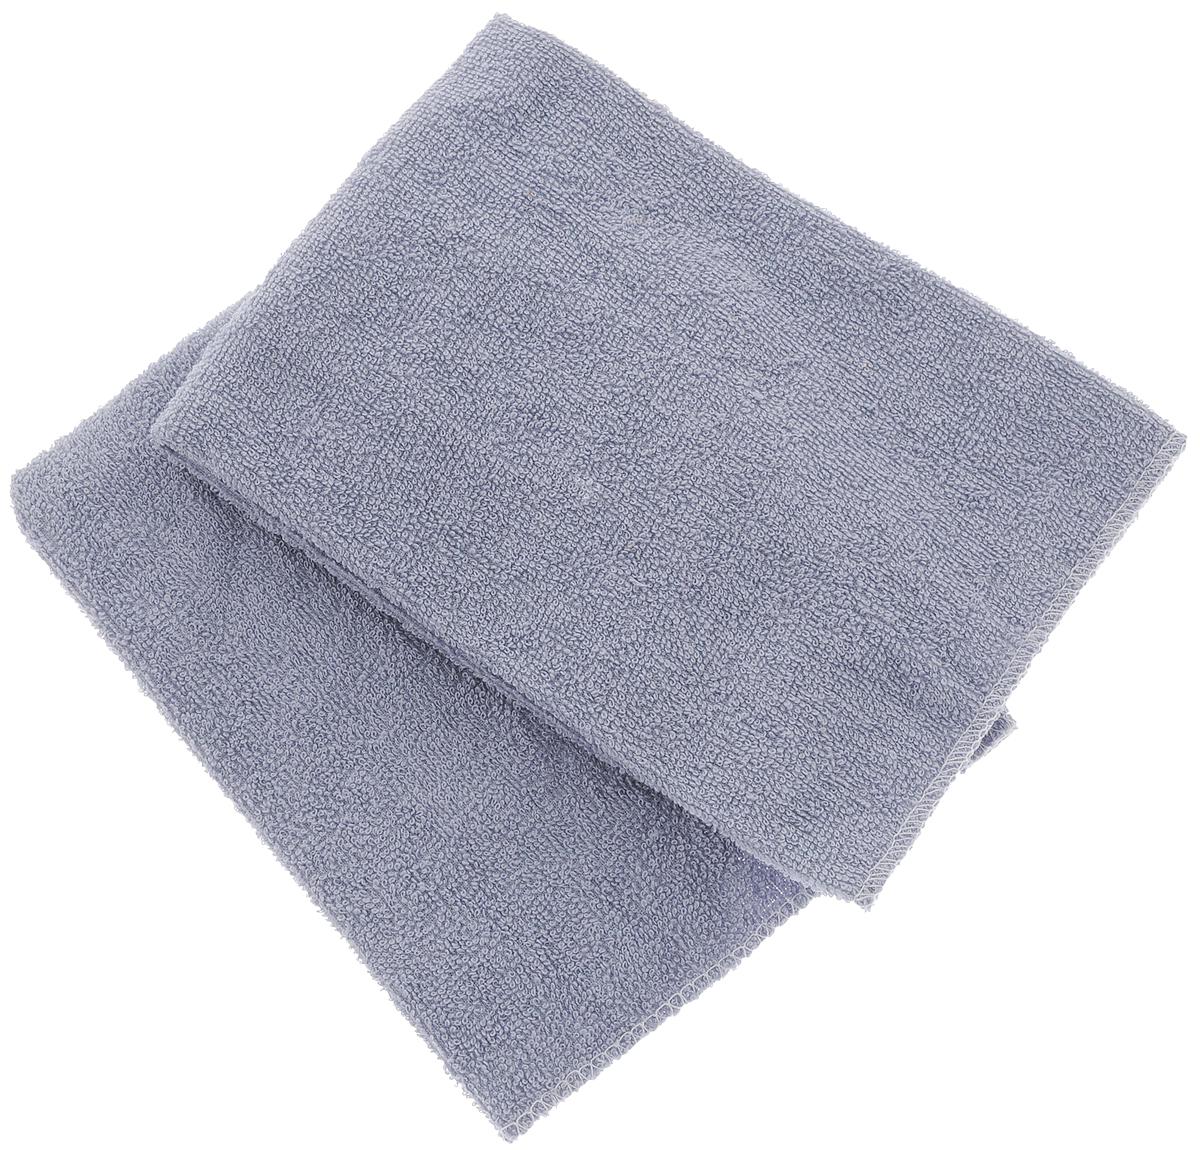 Набор салфеток Главдор, для мойки и полировки автомобиля, цвет: серый, 39 х 39 см, 2 штGL-89-003_серыйНабор Главдор состоит из двух салфеток, выполненных из 100% хлопковой мягкой махровой ткани. Салфетки хорошо подходят для удаления пыли, нанесения очистителей и полиролей. Используются также для располировки автомобильной косметики на любых поверхностях автомобиля. Пригодны для многократного применения. Можно стирать. Размер салфетки: 39 х 39 см. Комплектность: 2 шт.